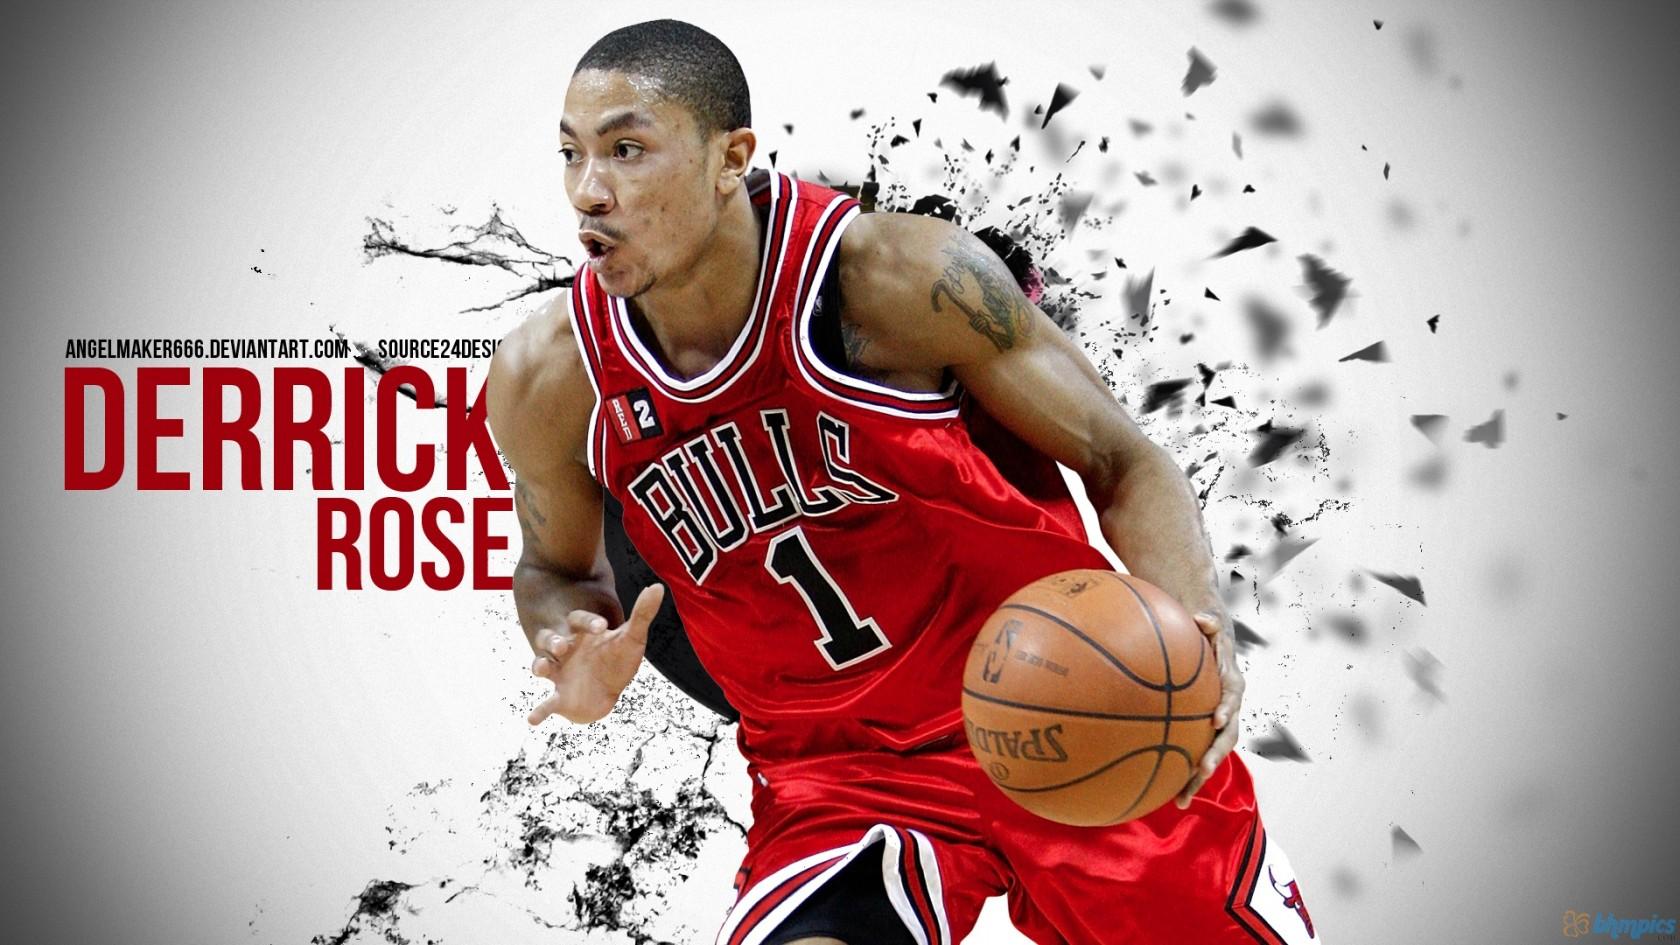 Derrick Rose Chicago Bulls HD Wallpaper of Sports   hdwallpaper2013 1680x945